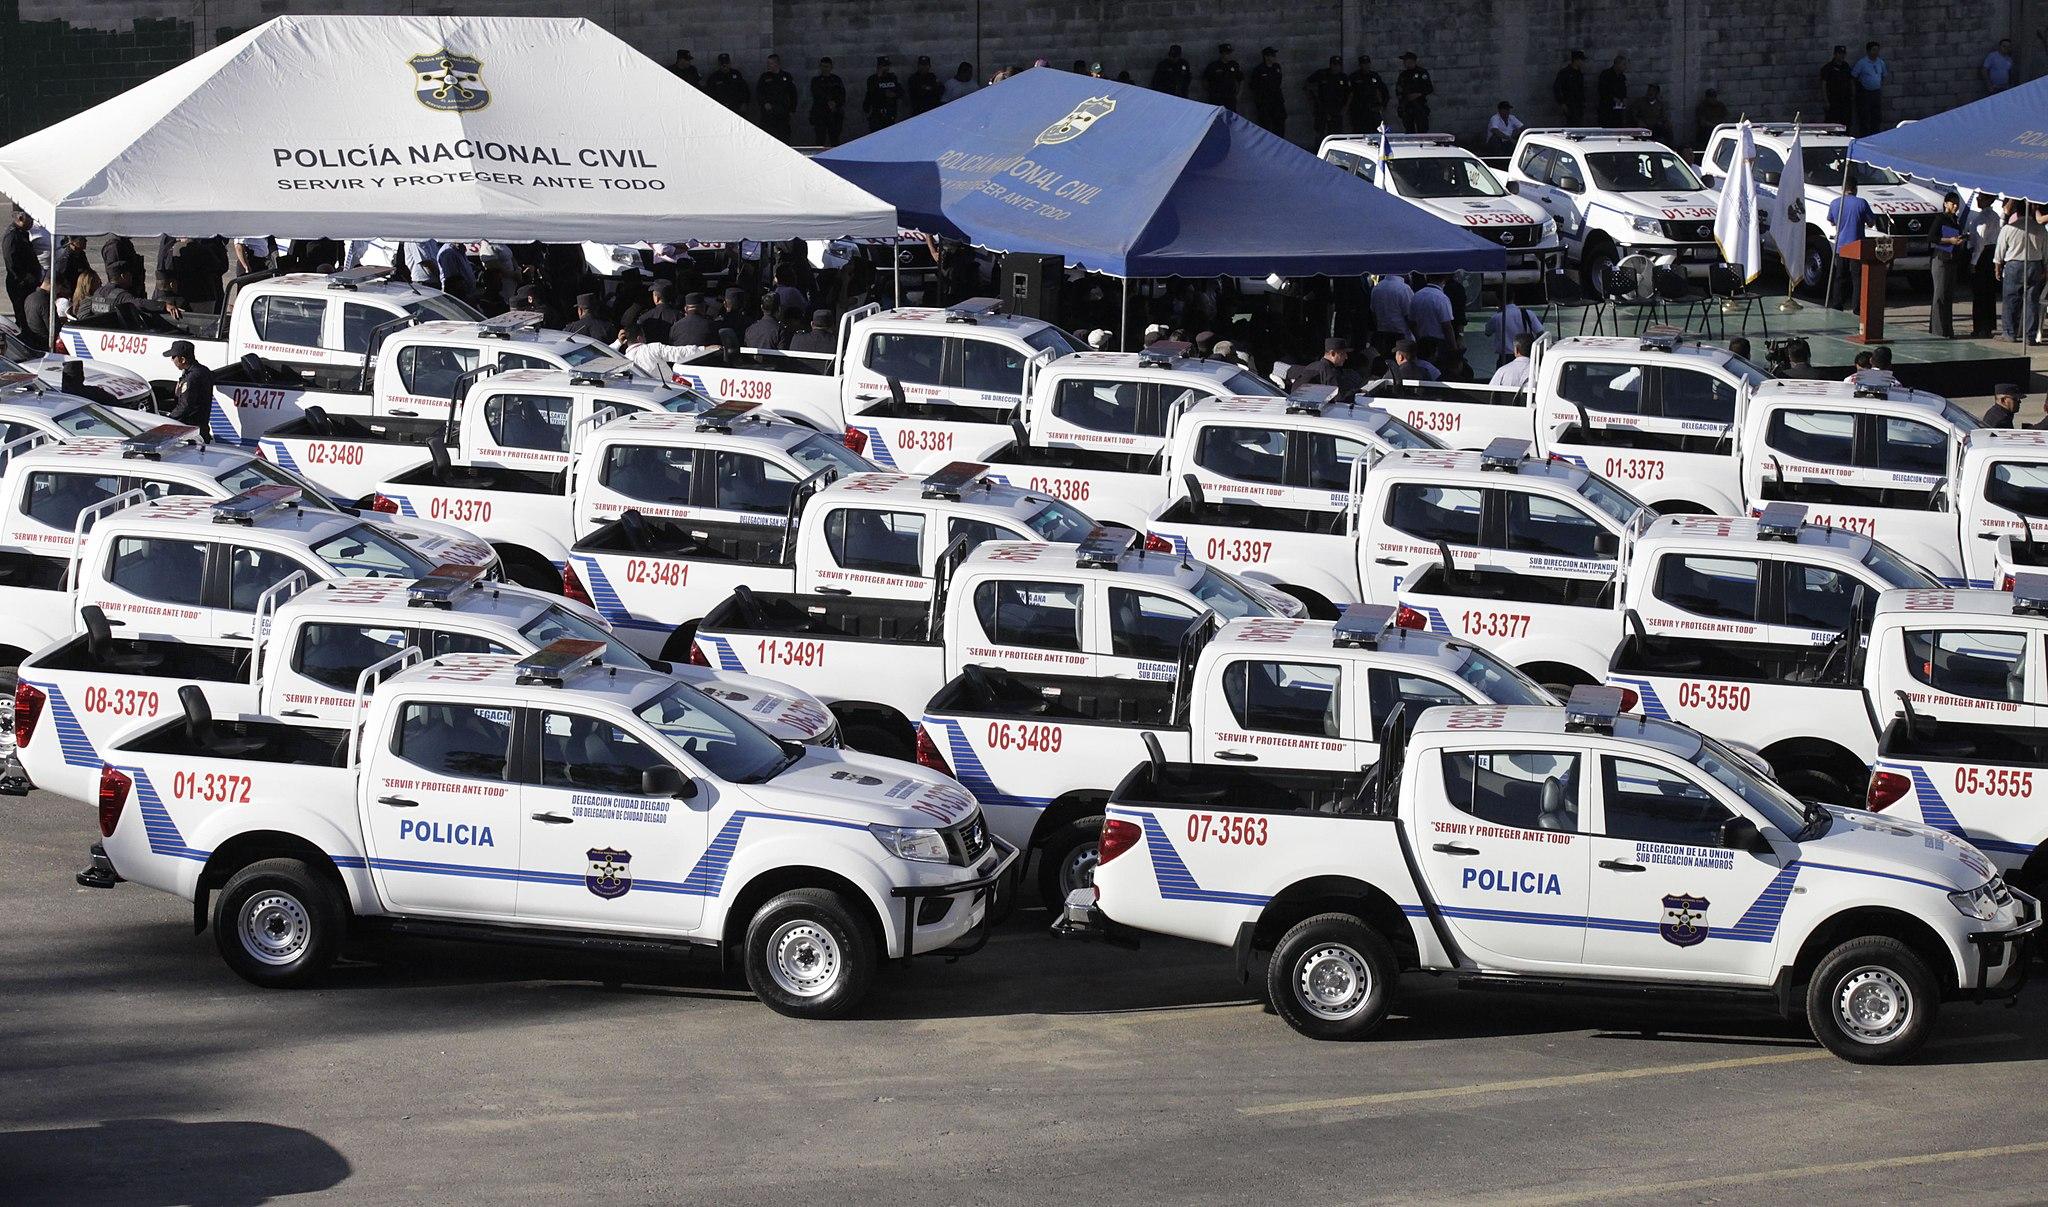 Policía Nacional Civil de El Salvador